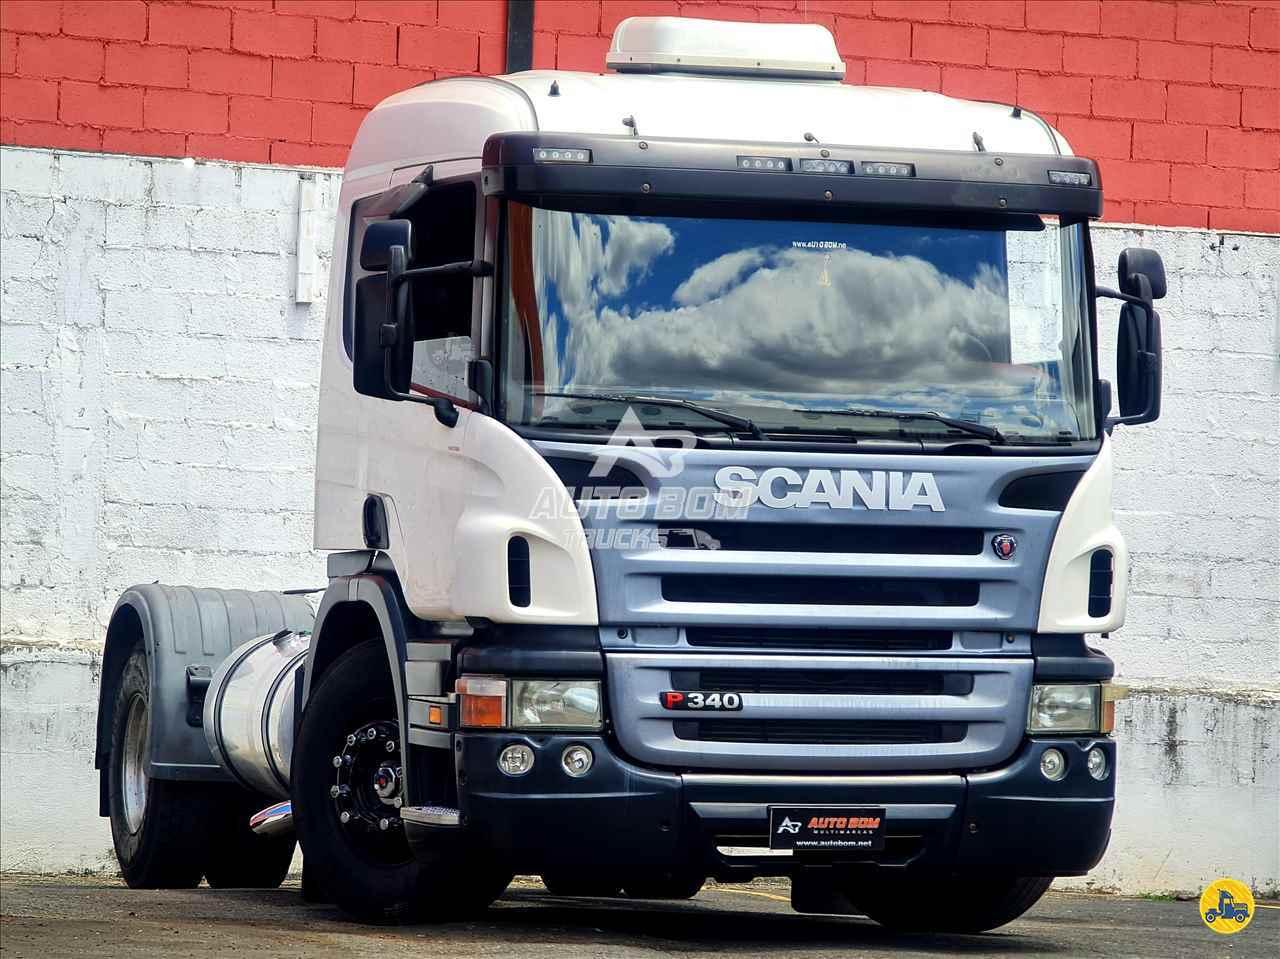 CAMINHAO SCANIA SCANIA P340 Cavalo Mecânico Toco 4x2 Autobom Trucks CONTAGEM MINAS GERAIS MG